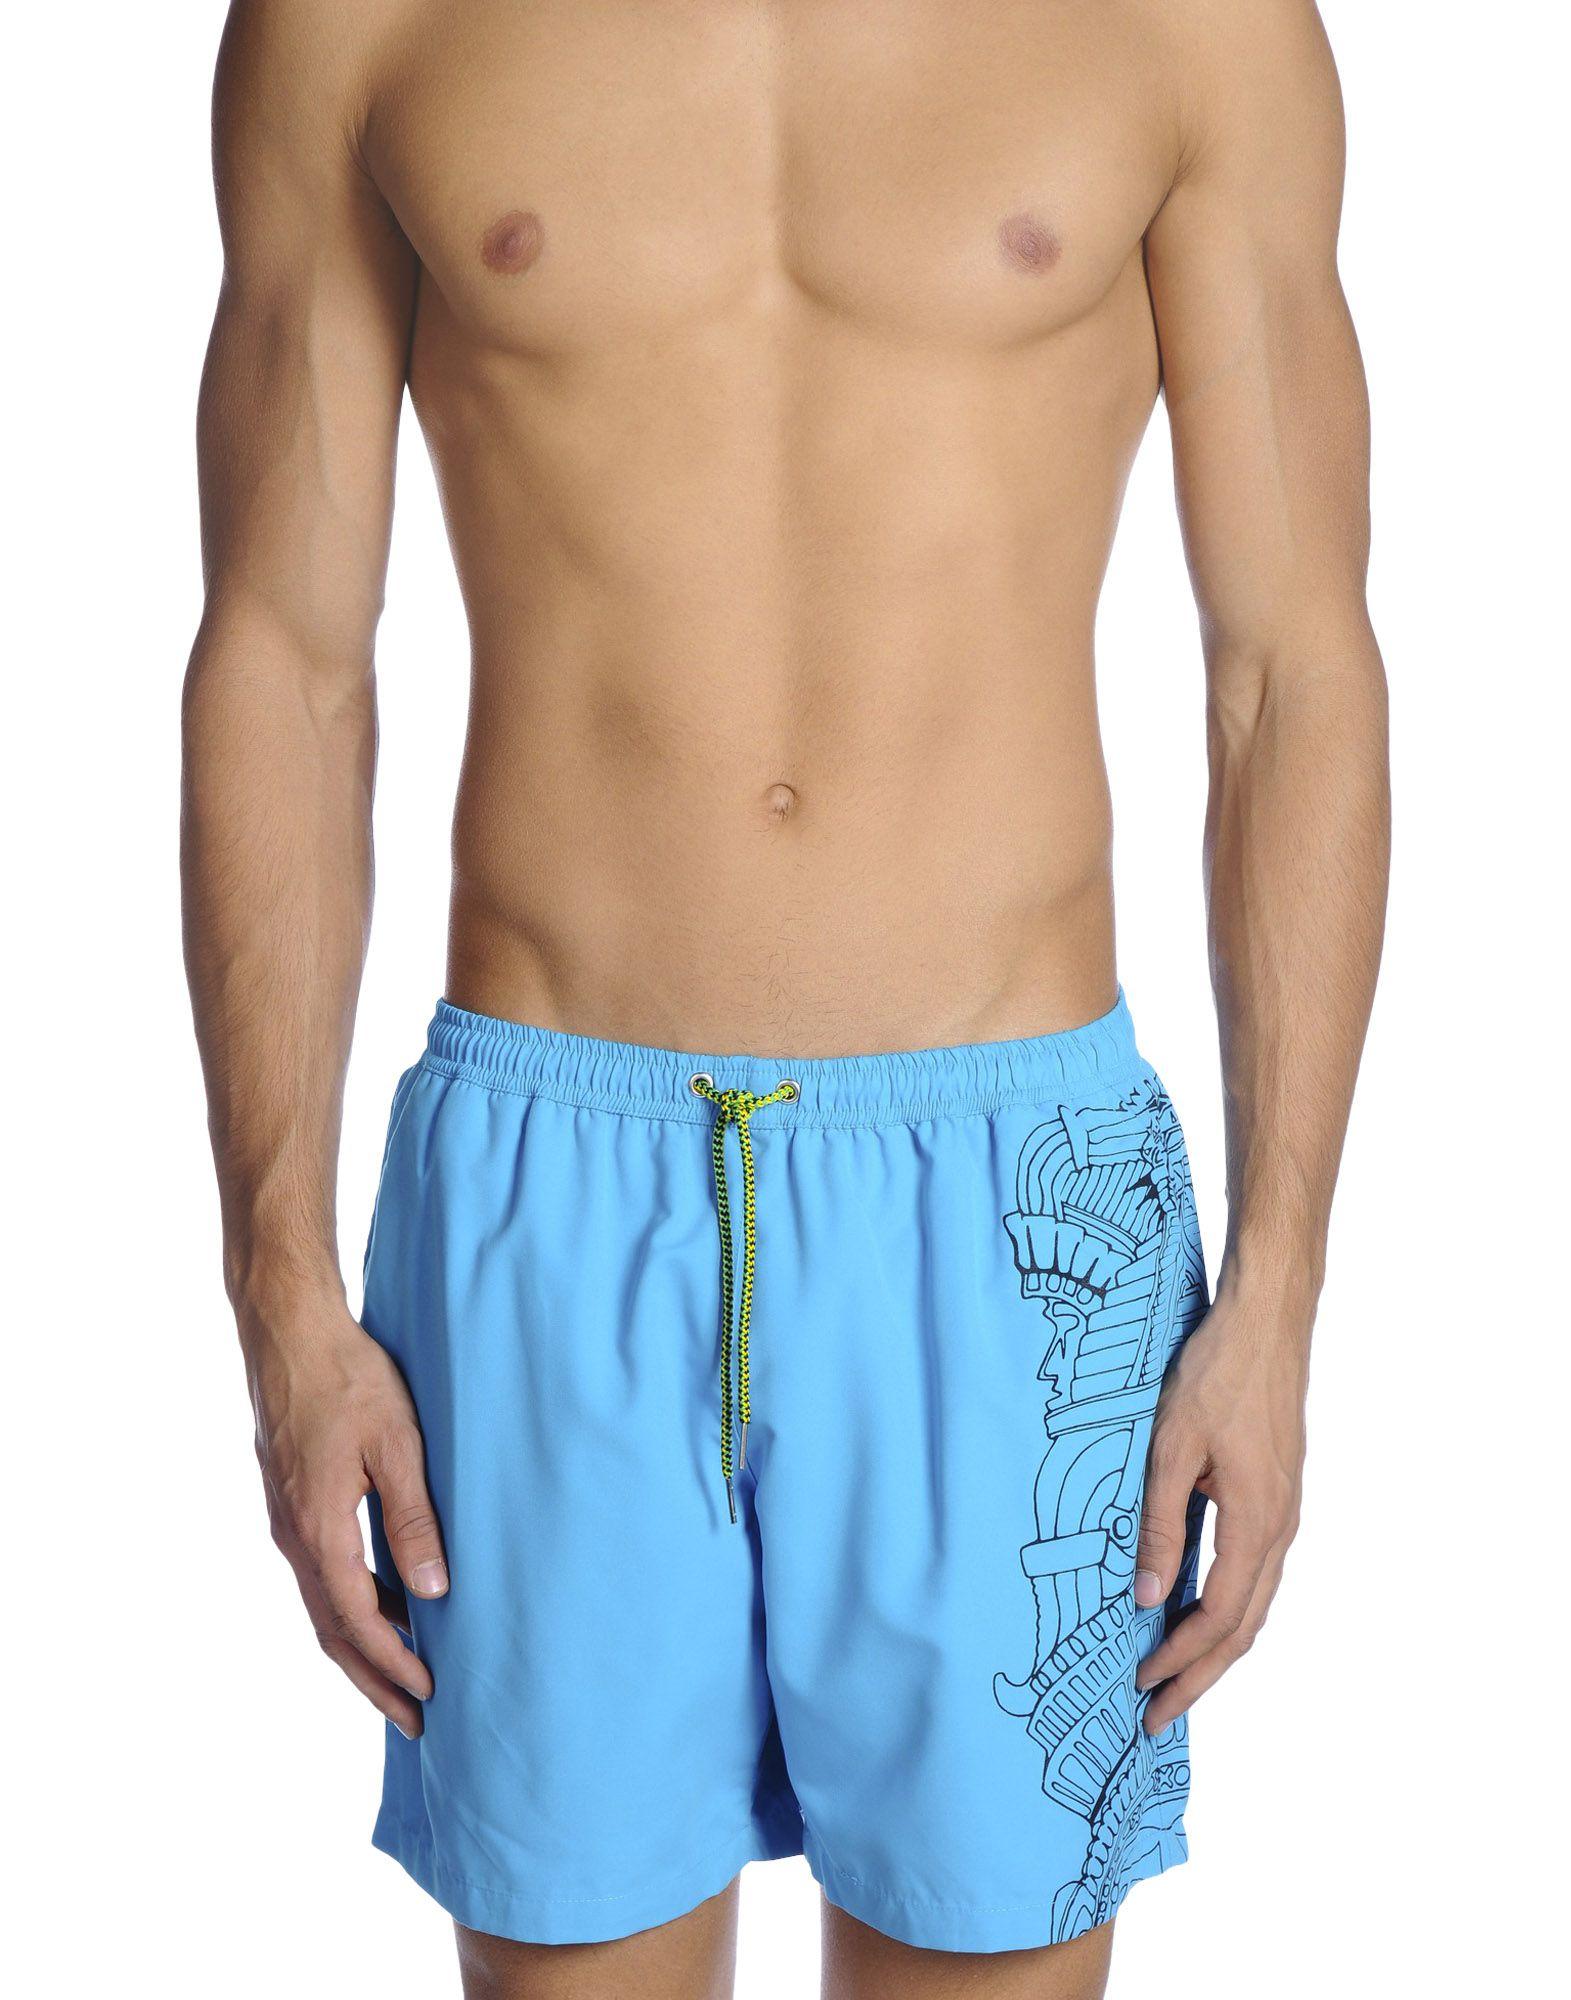 《送料無料》U.T. WAVE メンズ 水着(ボクサーパンツ) アジュールブルー S ポリエステル 100%